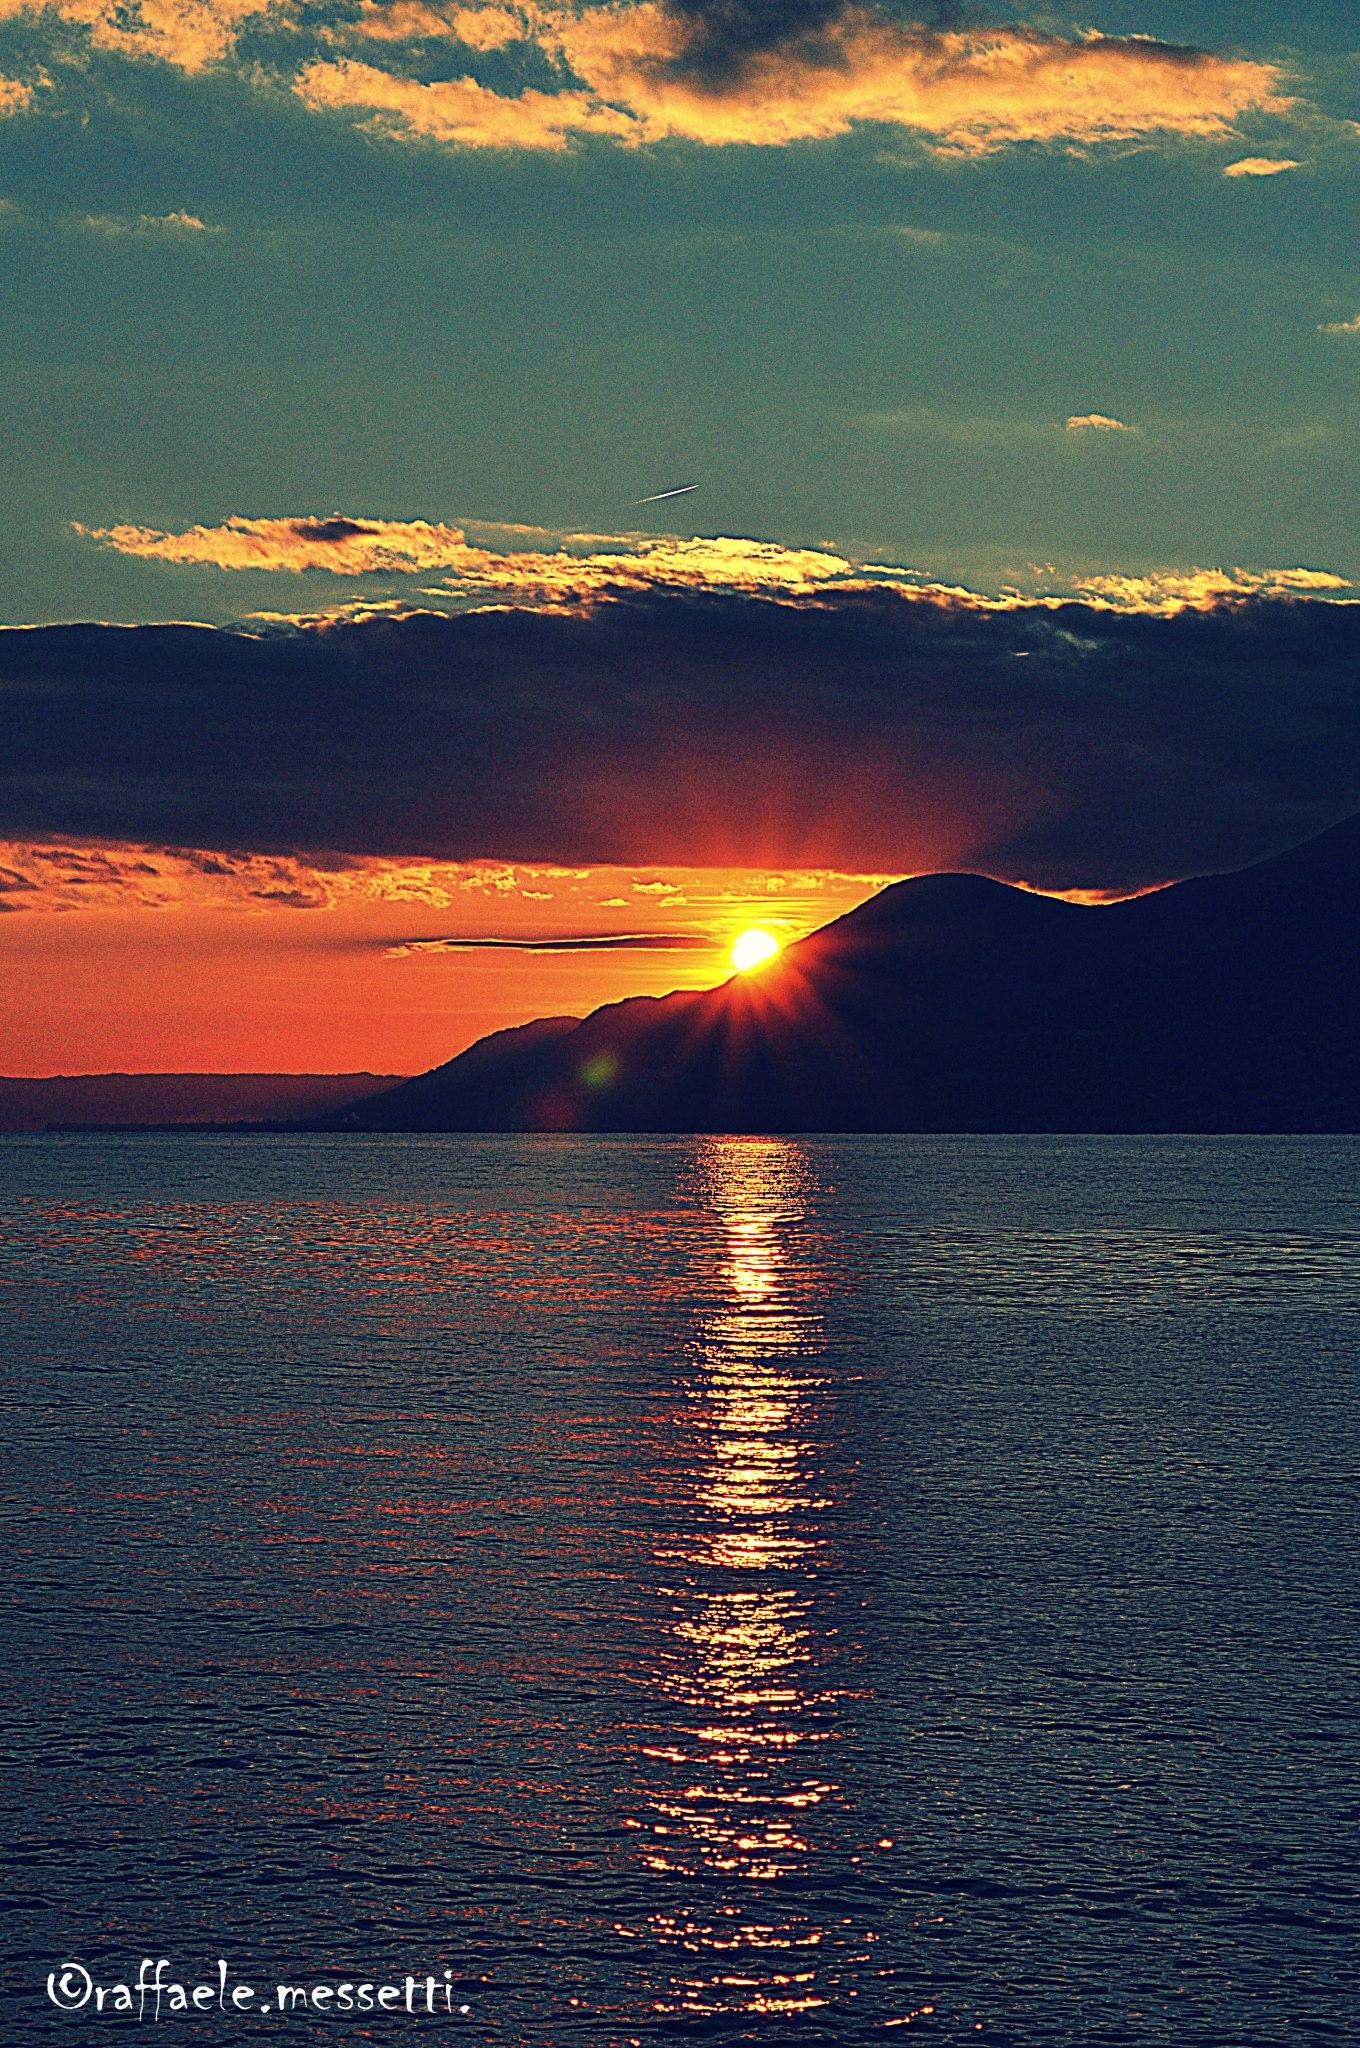 Herfst Gardameer zonsondergang Raf Mago Mes